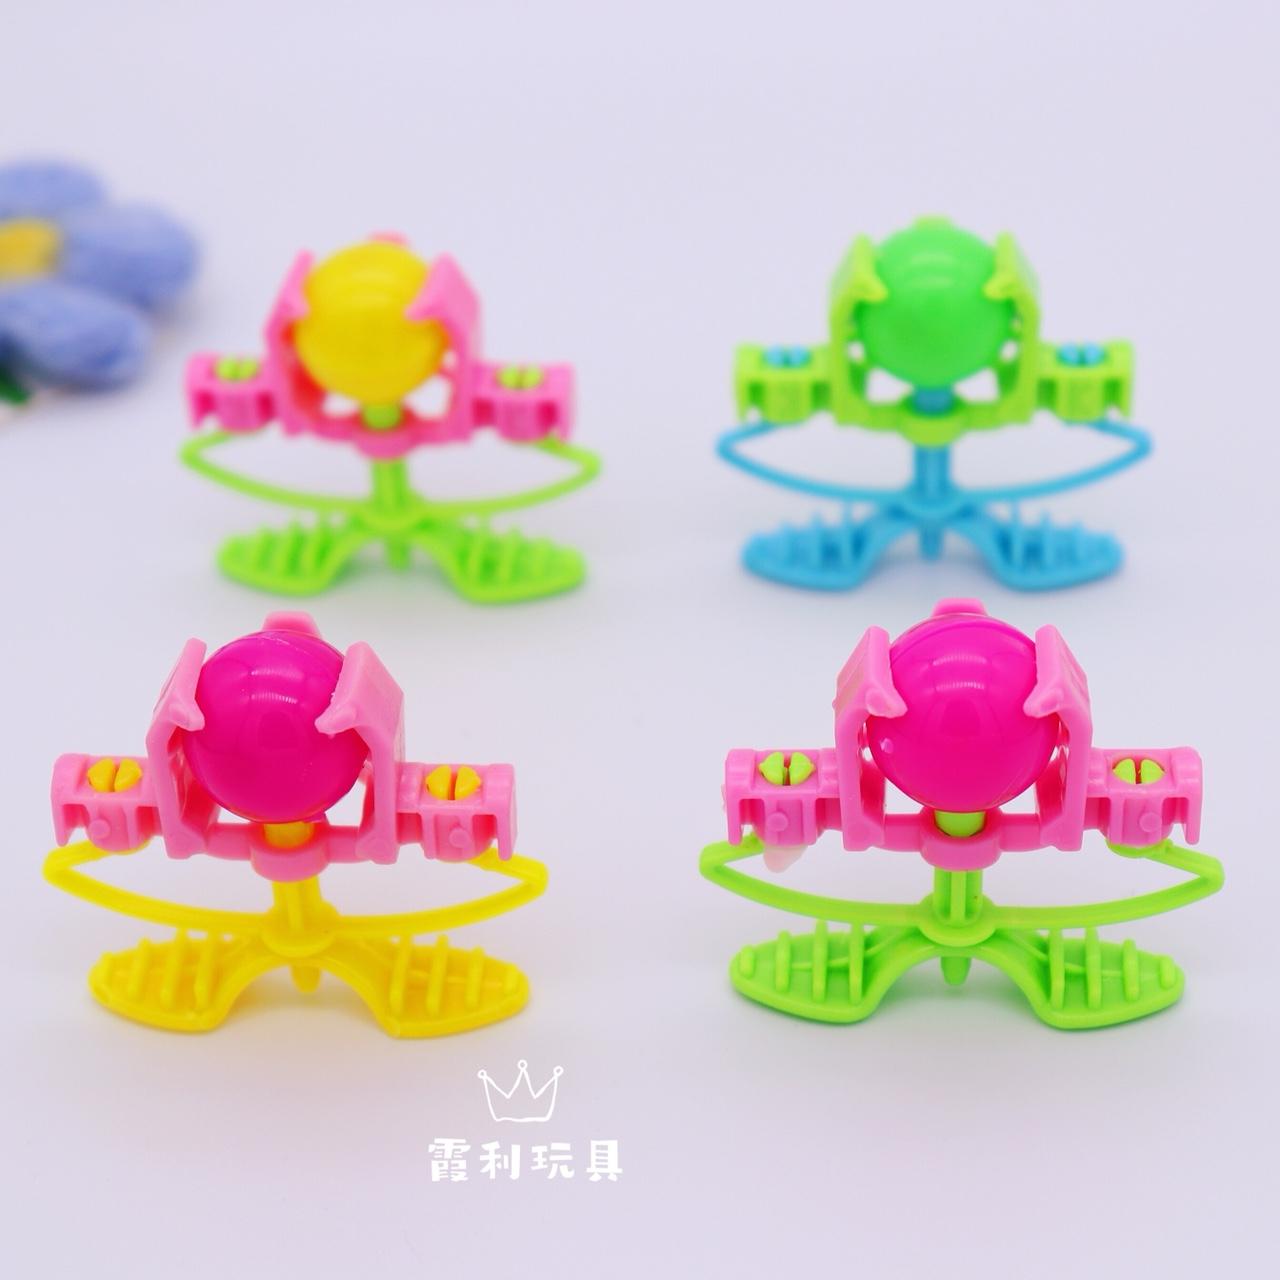 弹珠发射器 儿童塑料玩具 赠品扭蛋派对玩具